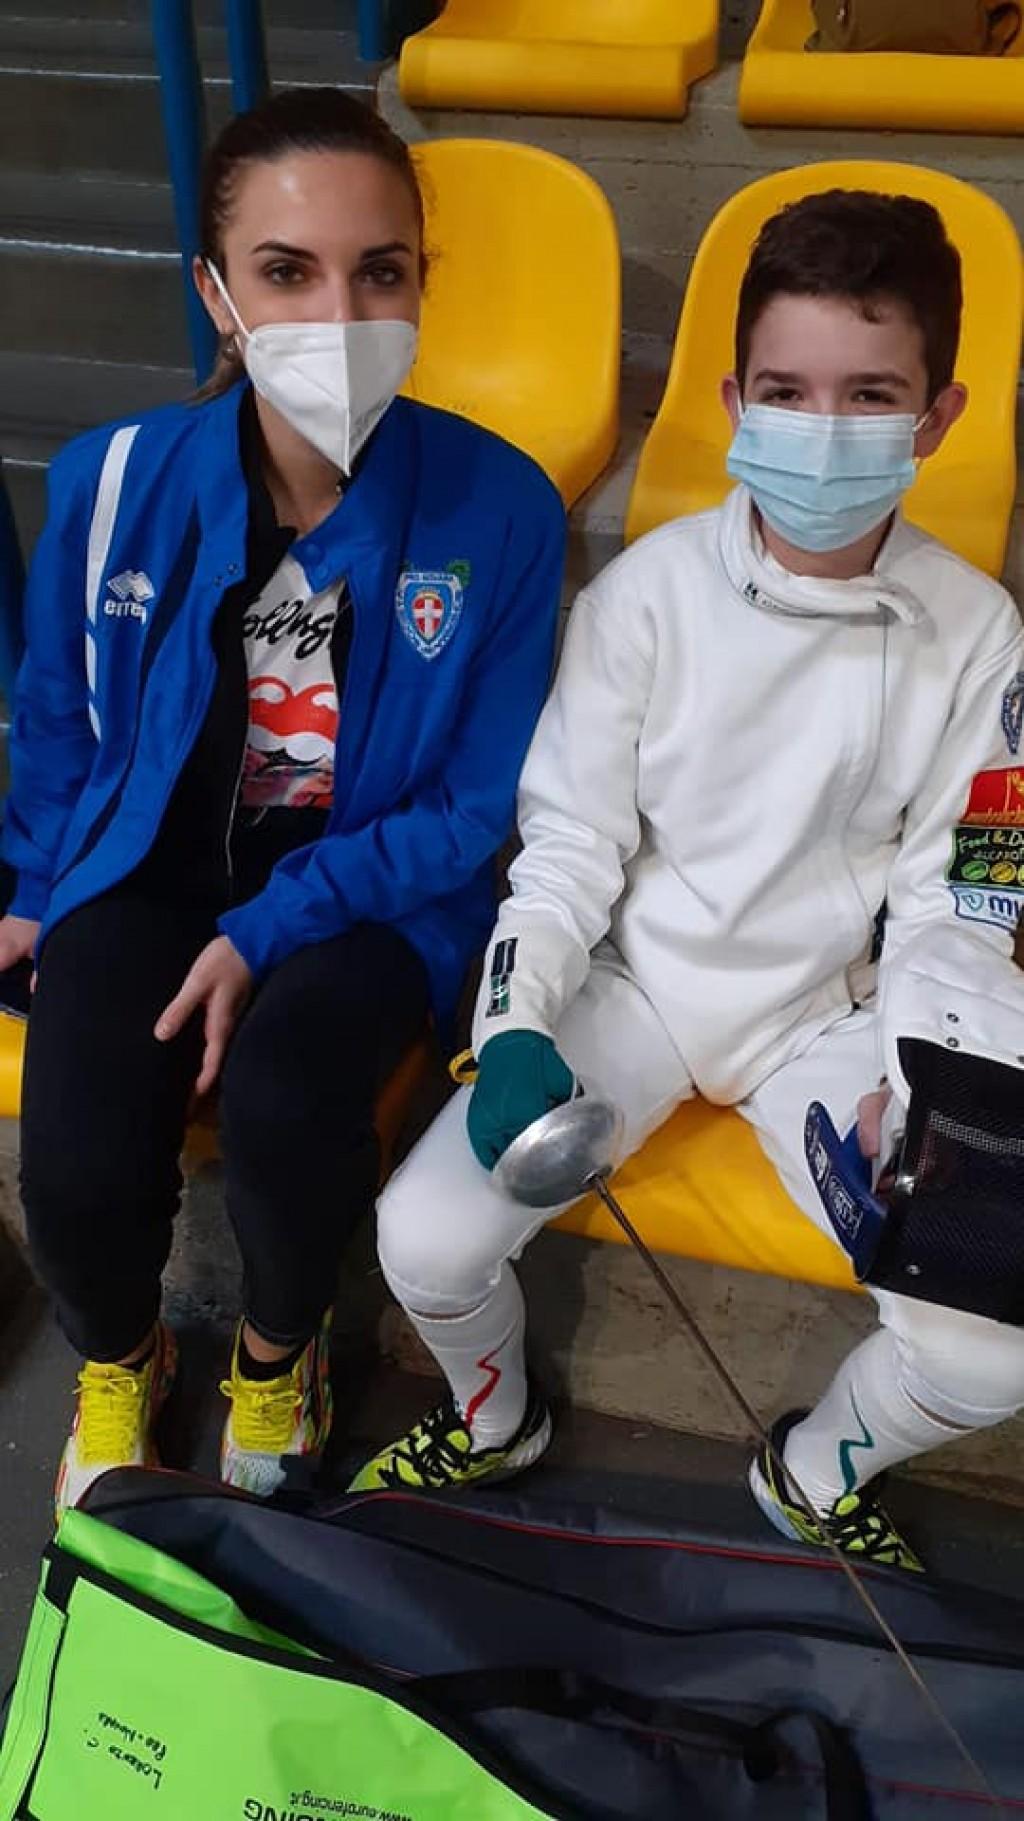 I nostri piccoli del Gran Premio Giovanissimi impegnati a Torino